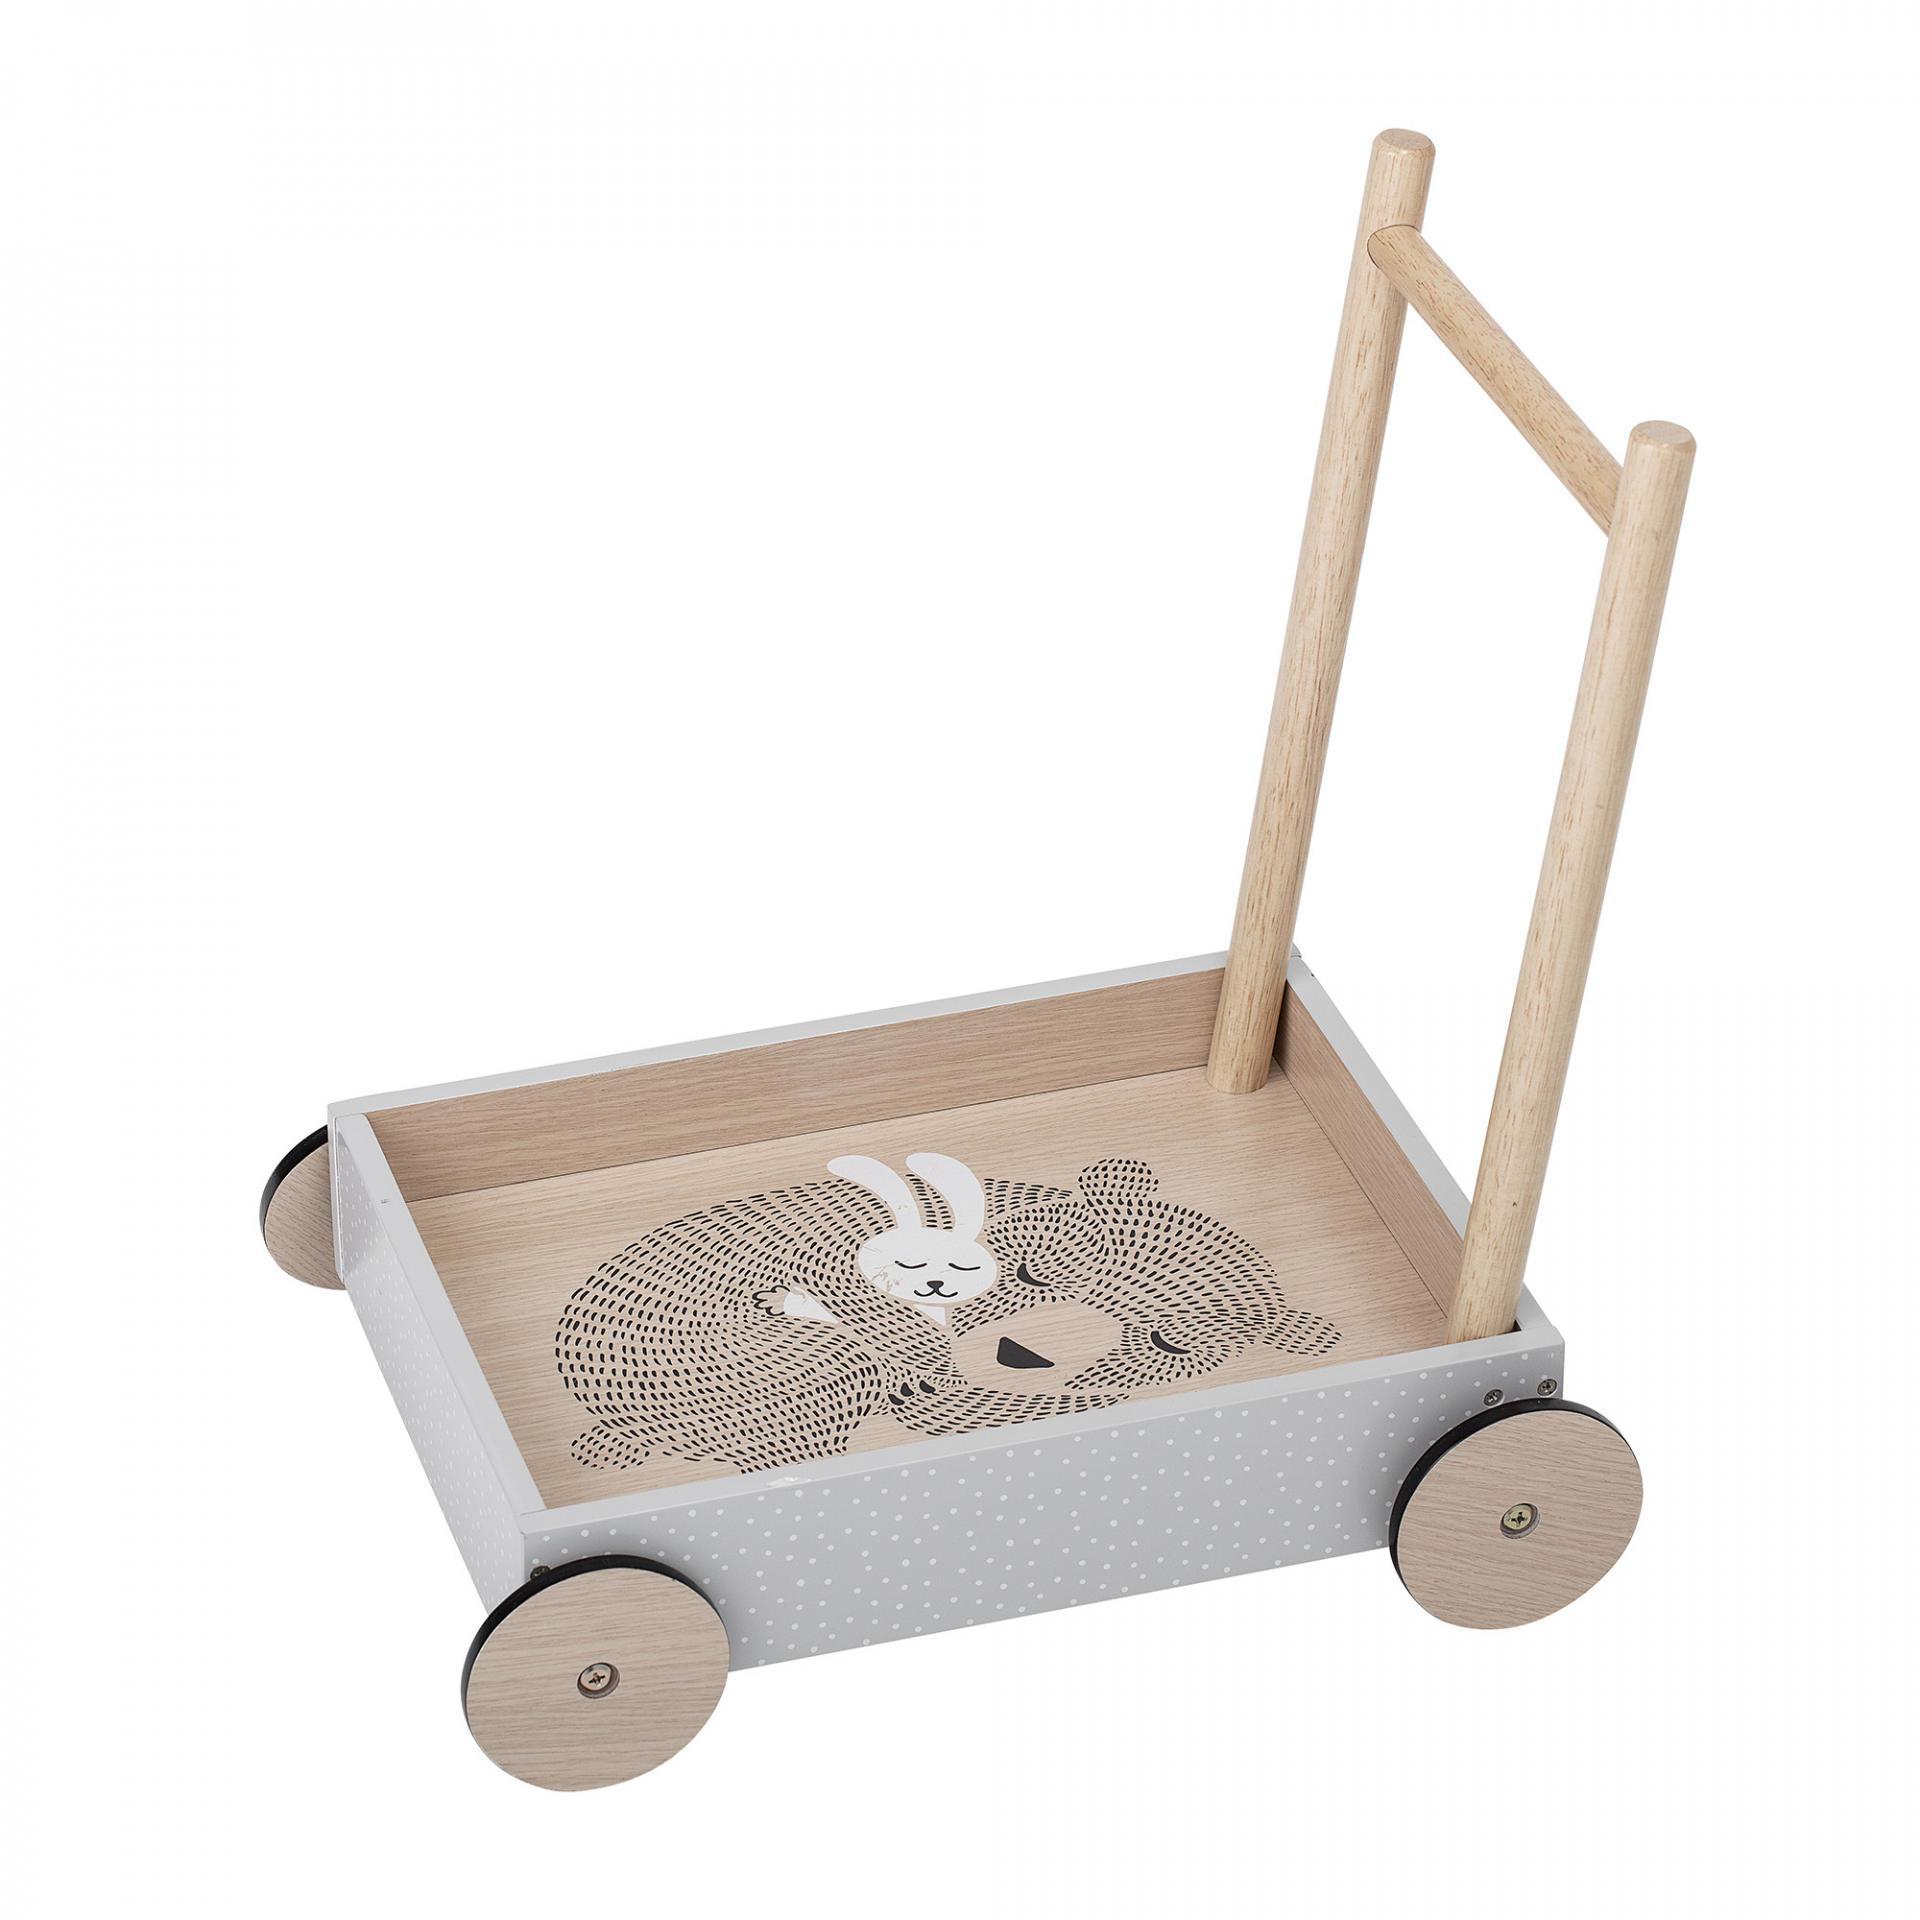 Bloomingville Dětský vozík Sleeping Friends, šedá barva, černá barva, bílá barva, přírodní barva, dřevo